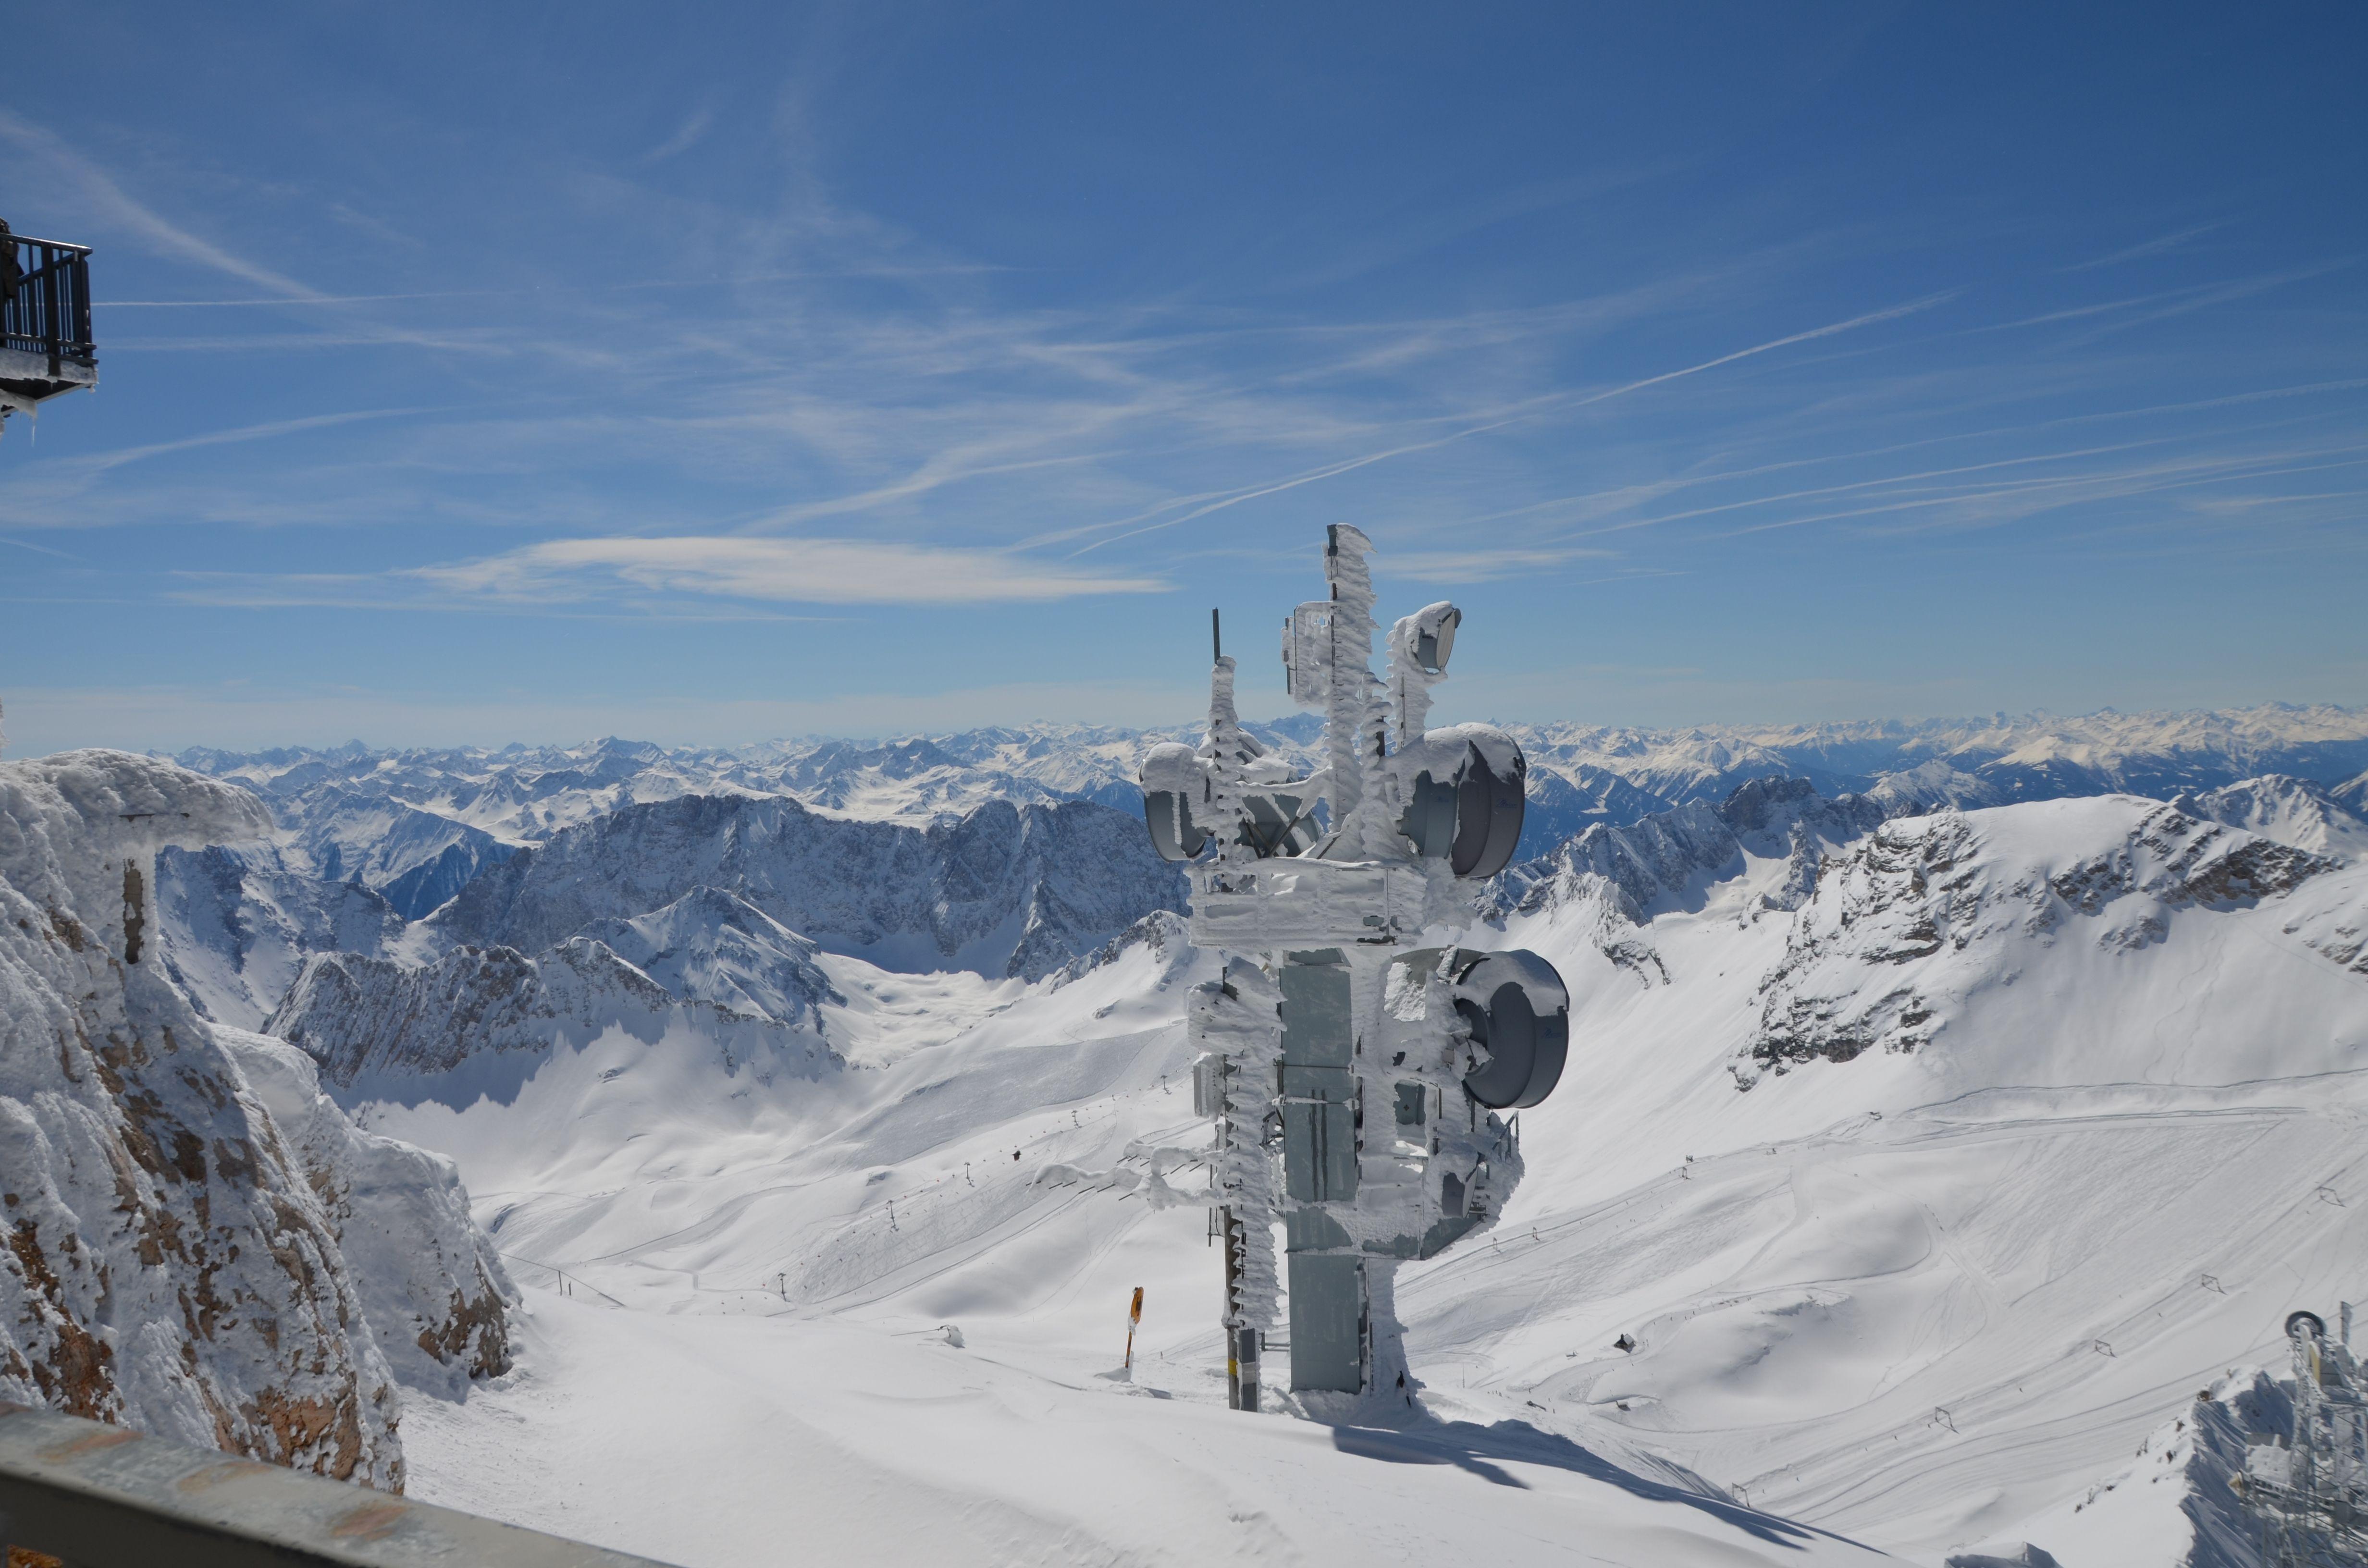 Der Hochste Berg Deutschlands Die Zugspitze Ist Nicht Nur Zum Wandern Ein Tolles Ausflugsziel Sondern Bietet Auch In Der Ausflugsziele Alpen Zugspitze